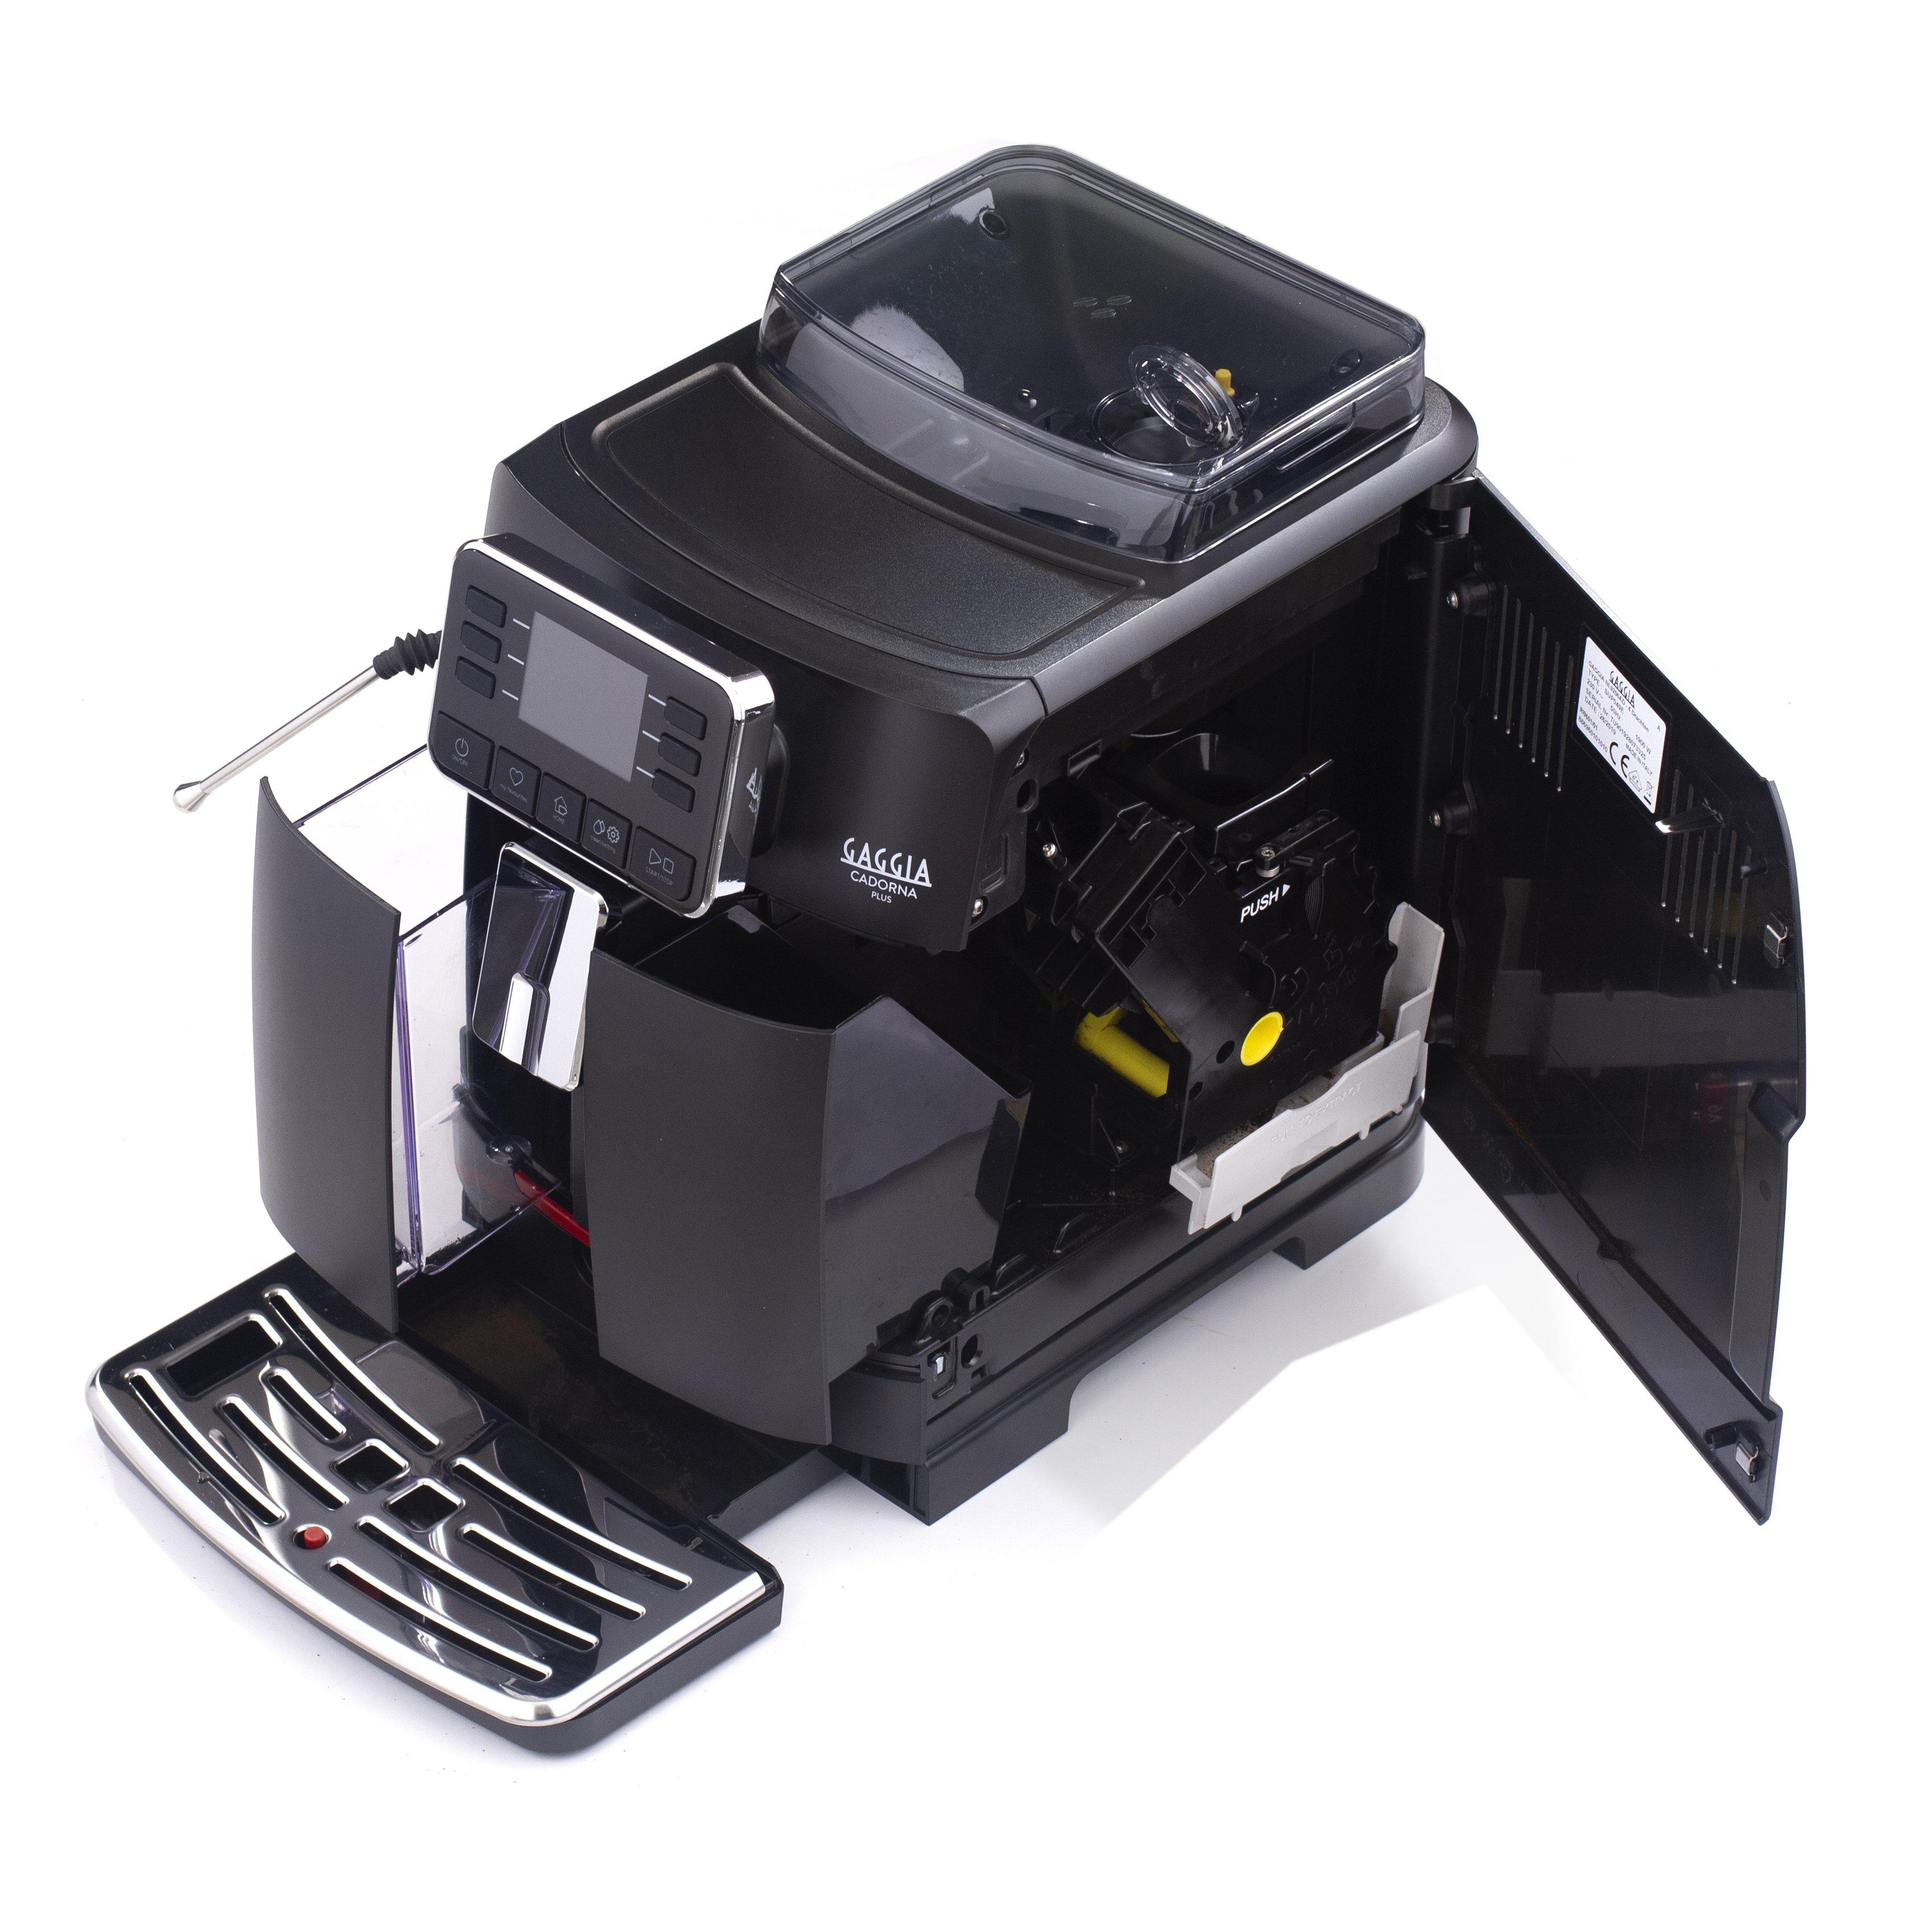 Gaggia Cadorna Plus CMF Black Super Automatic Espresso Machine - RI9601/47